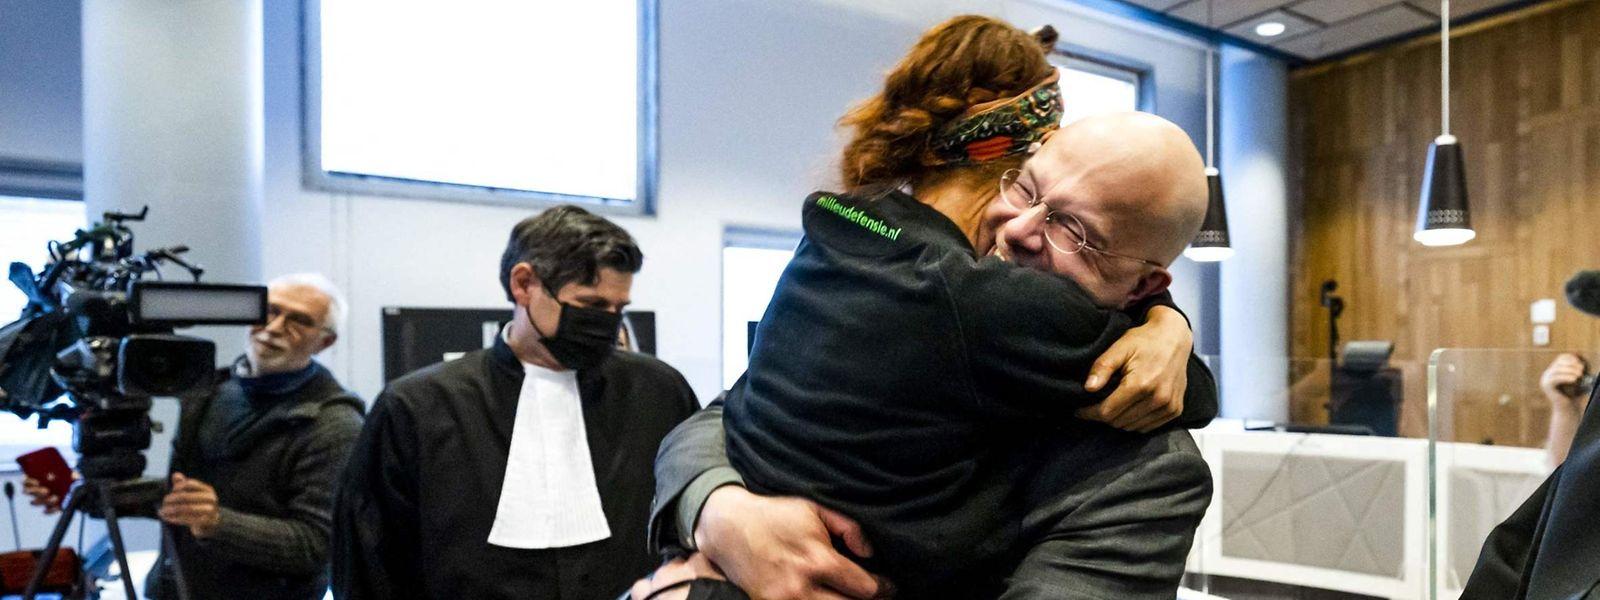 Nach der Verlesung des Urteils jubelten Dutzende im und vor dem Gericht - so laut, dass es noch im Saal zu hören war.